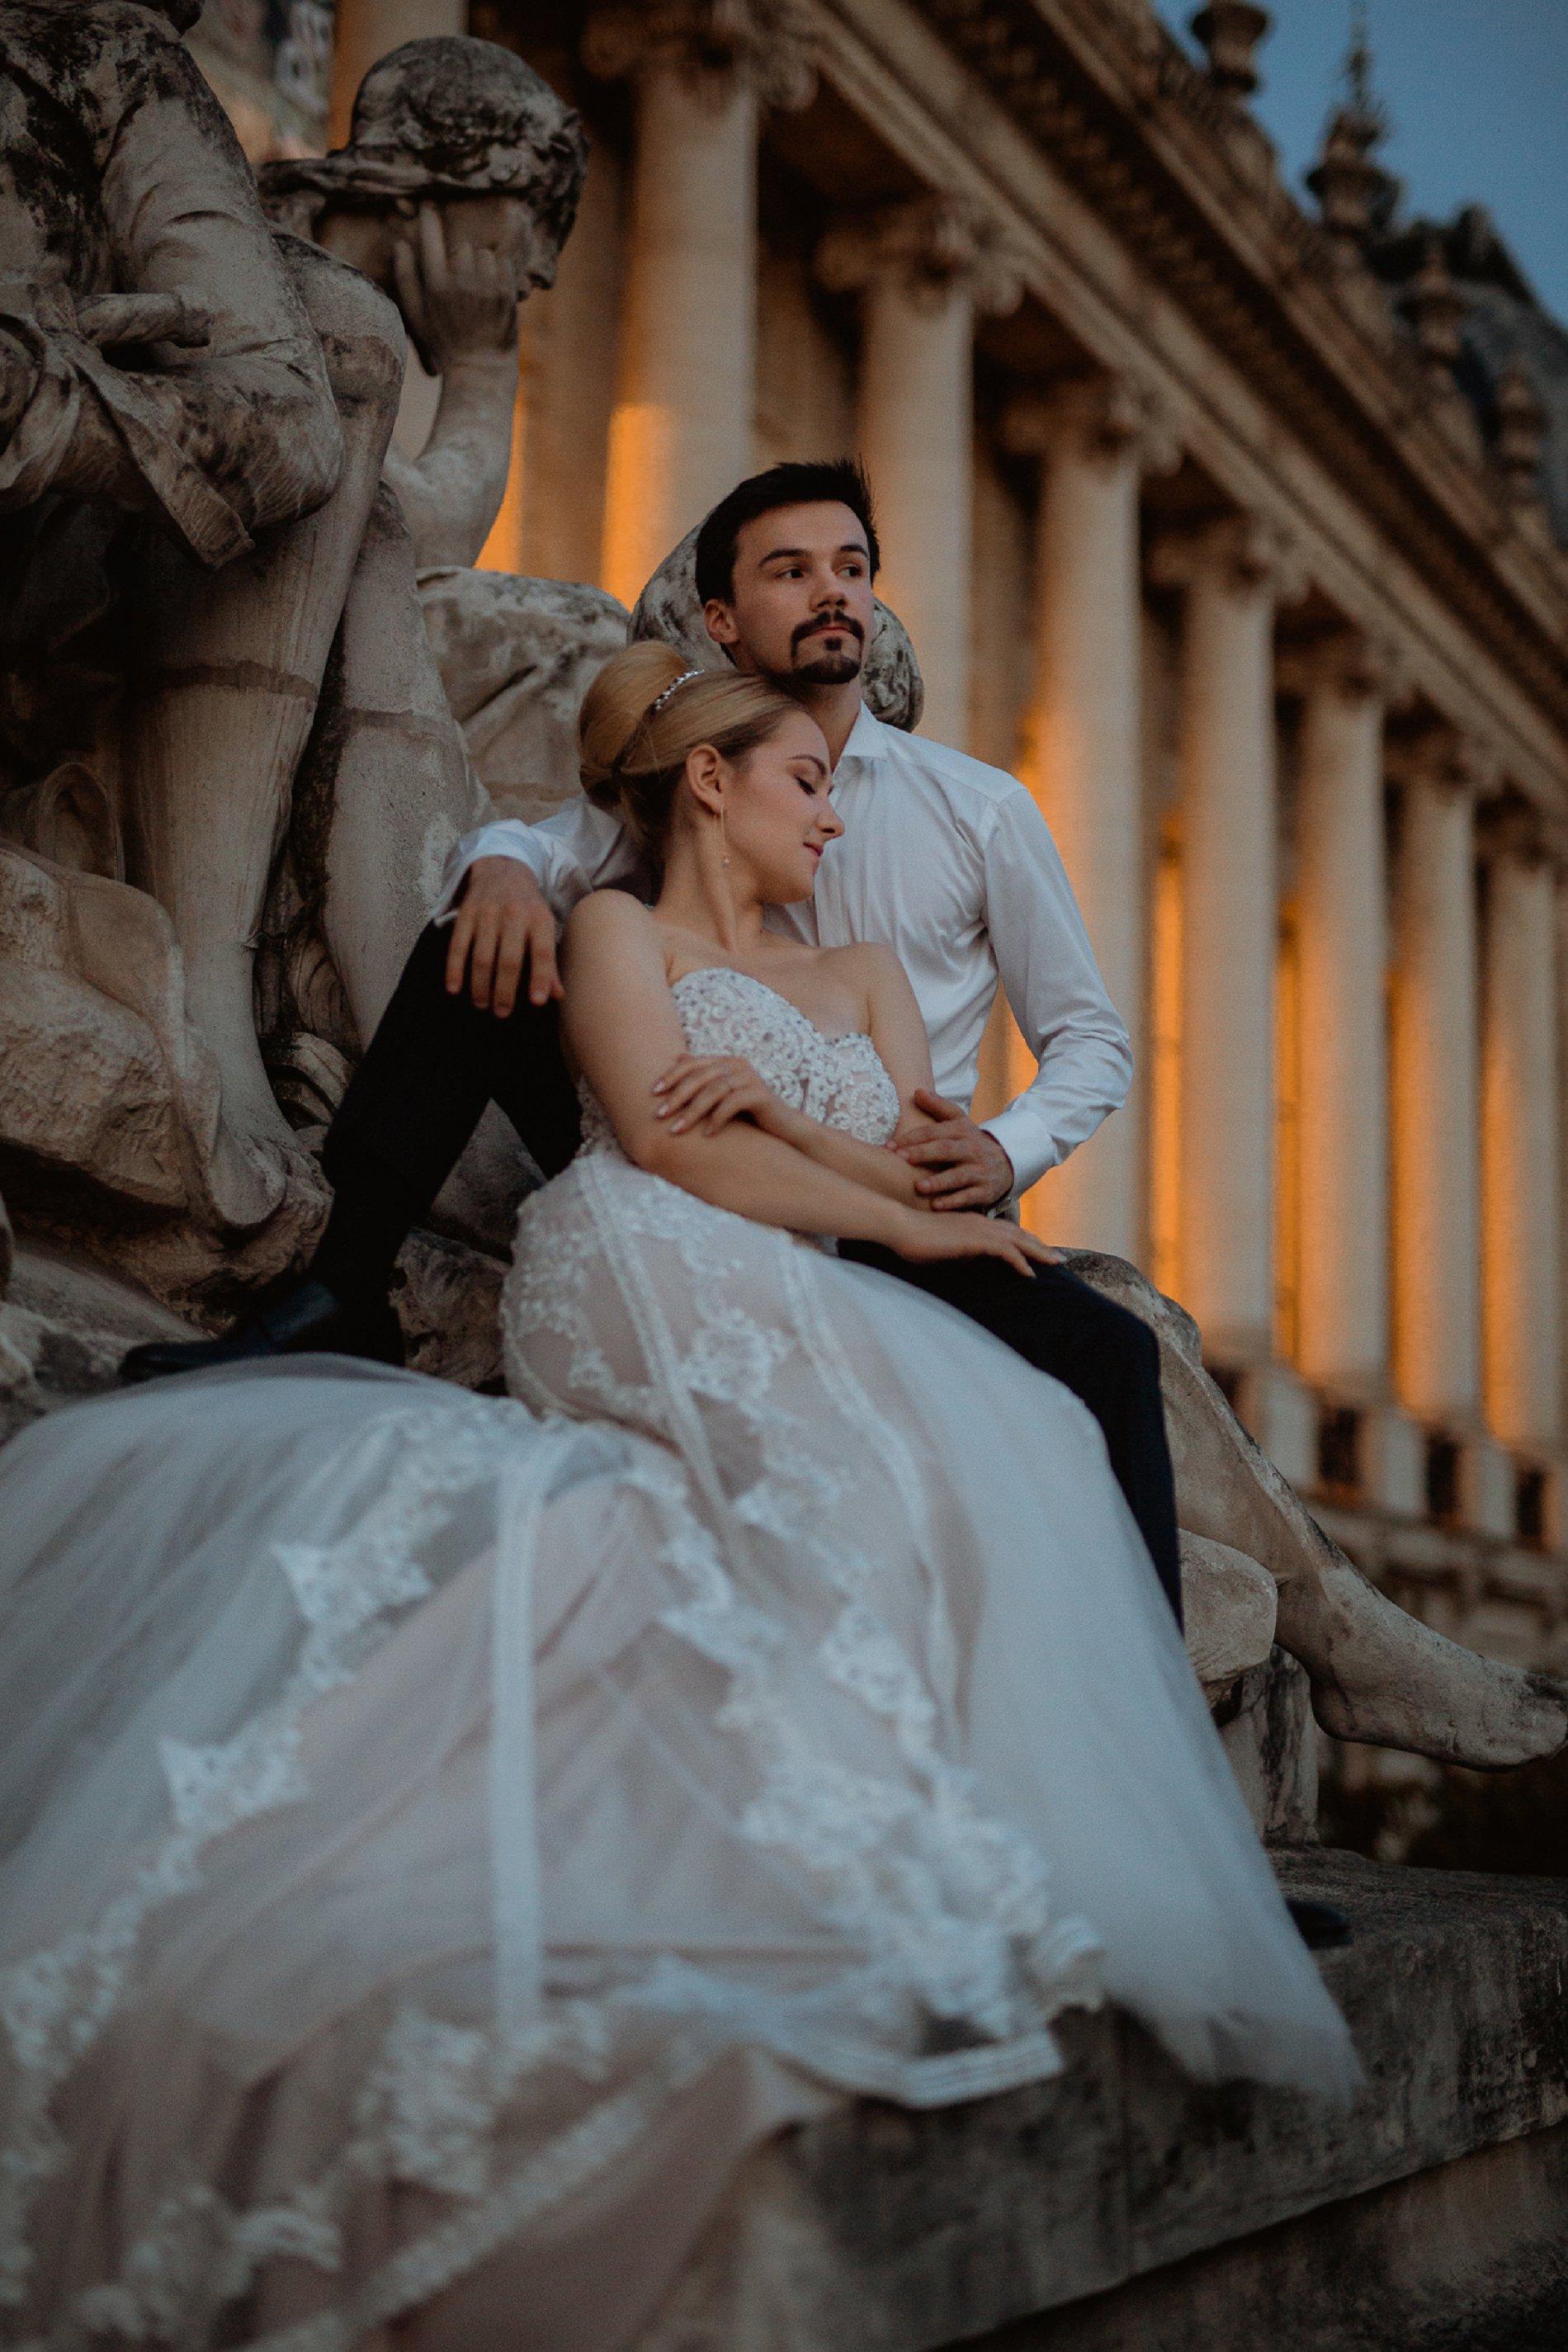 Miss He Bridal Romantic Paris Elopement (c) Xanthe Rowland Photography (48)